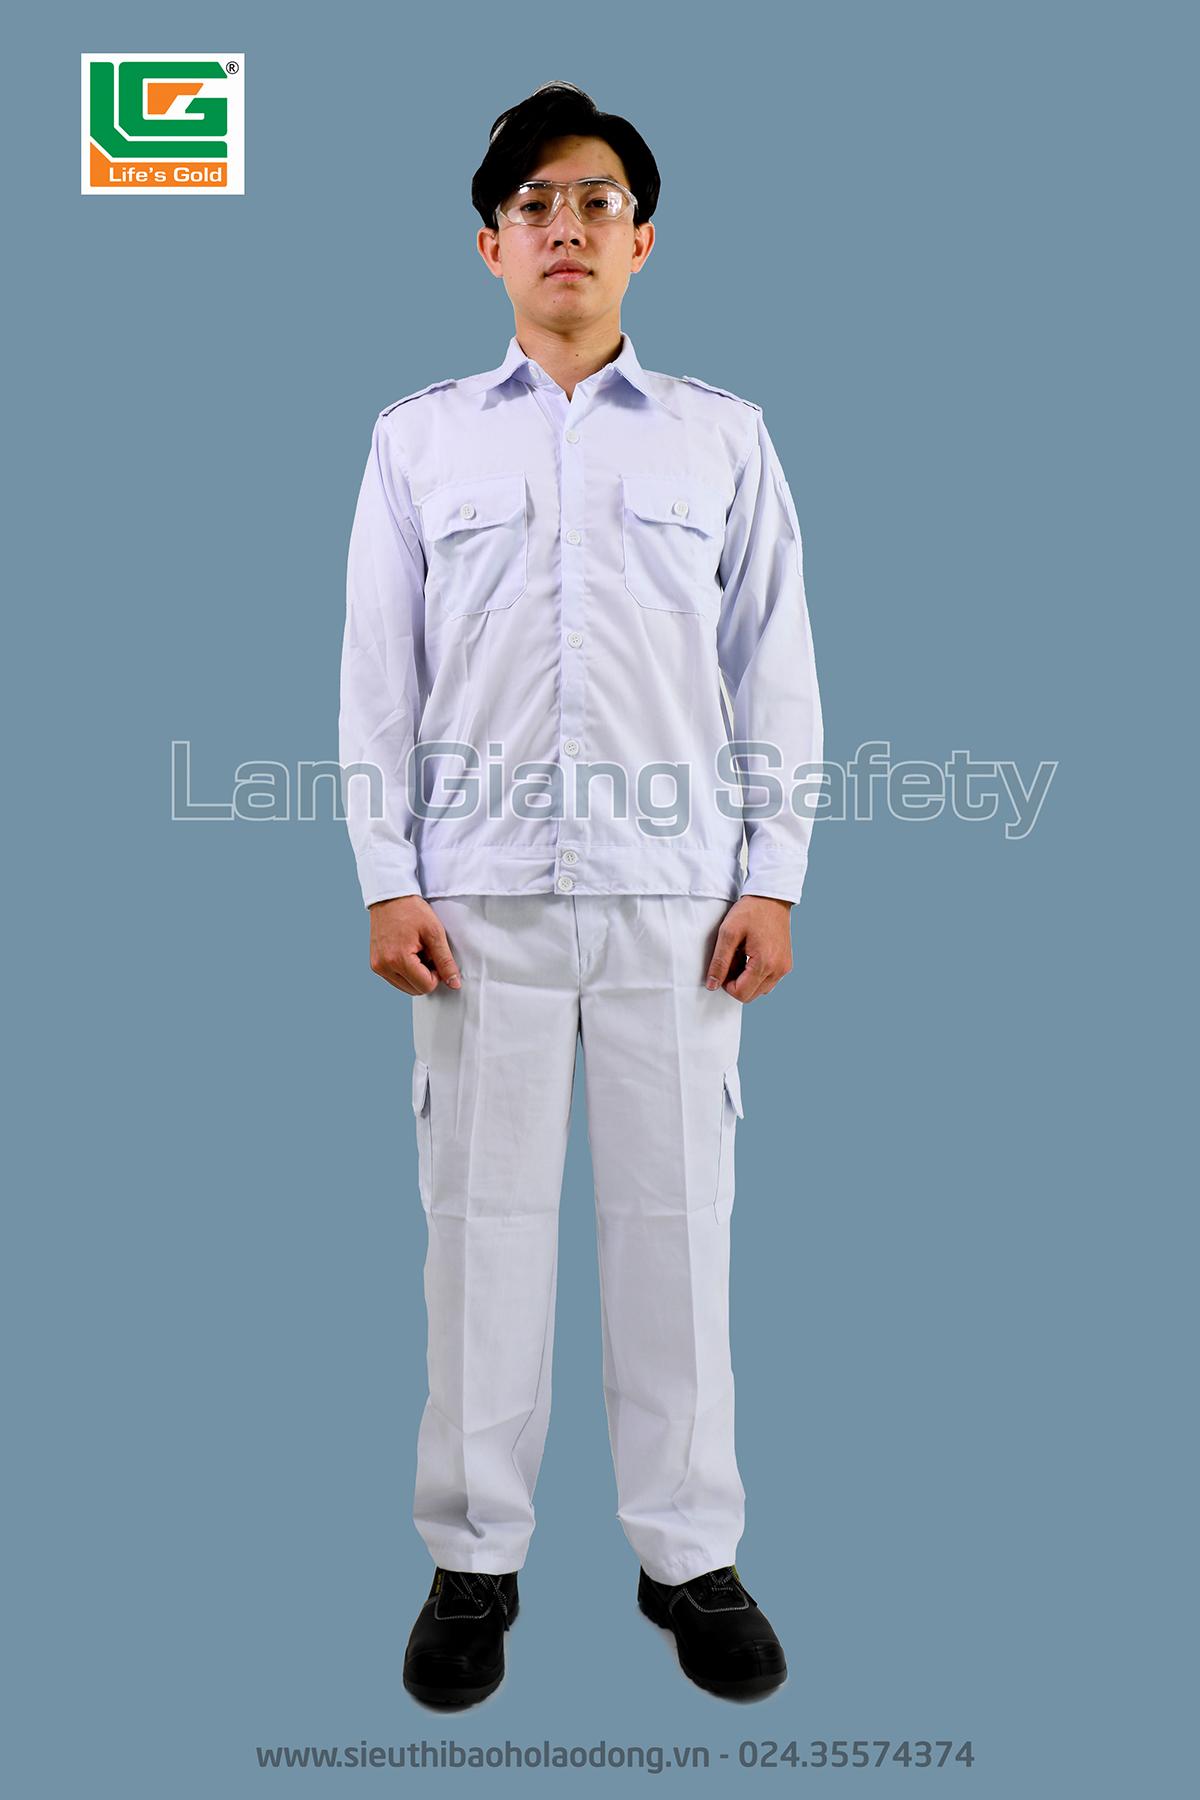 Quần áo vải kaki HQ màu trắng, túi hộp cạp chun